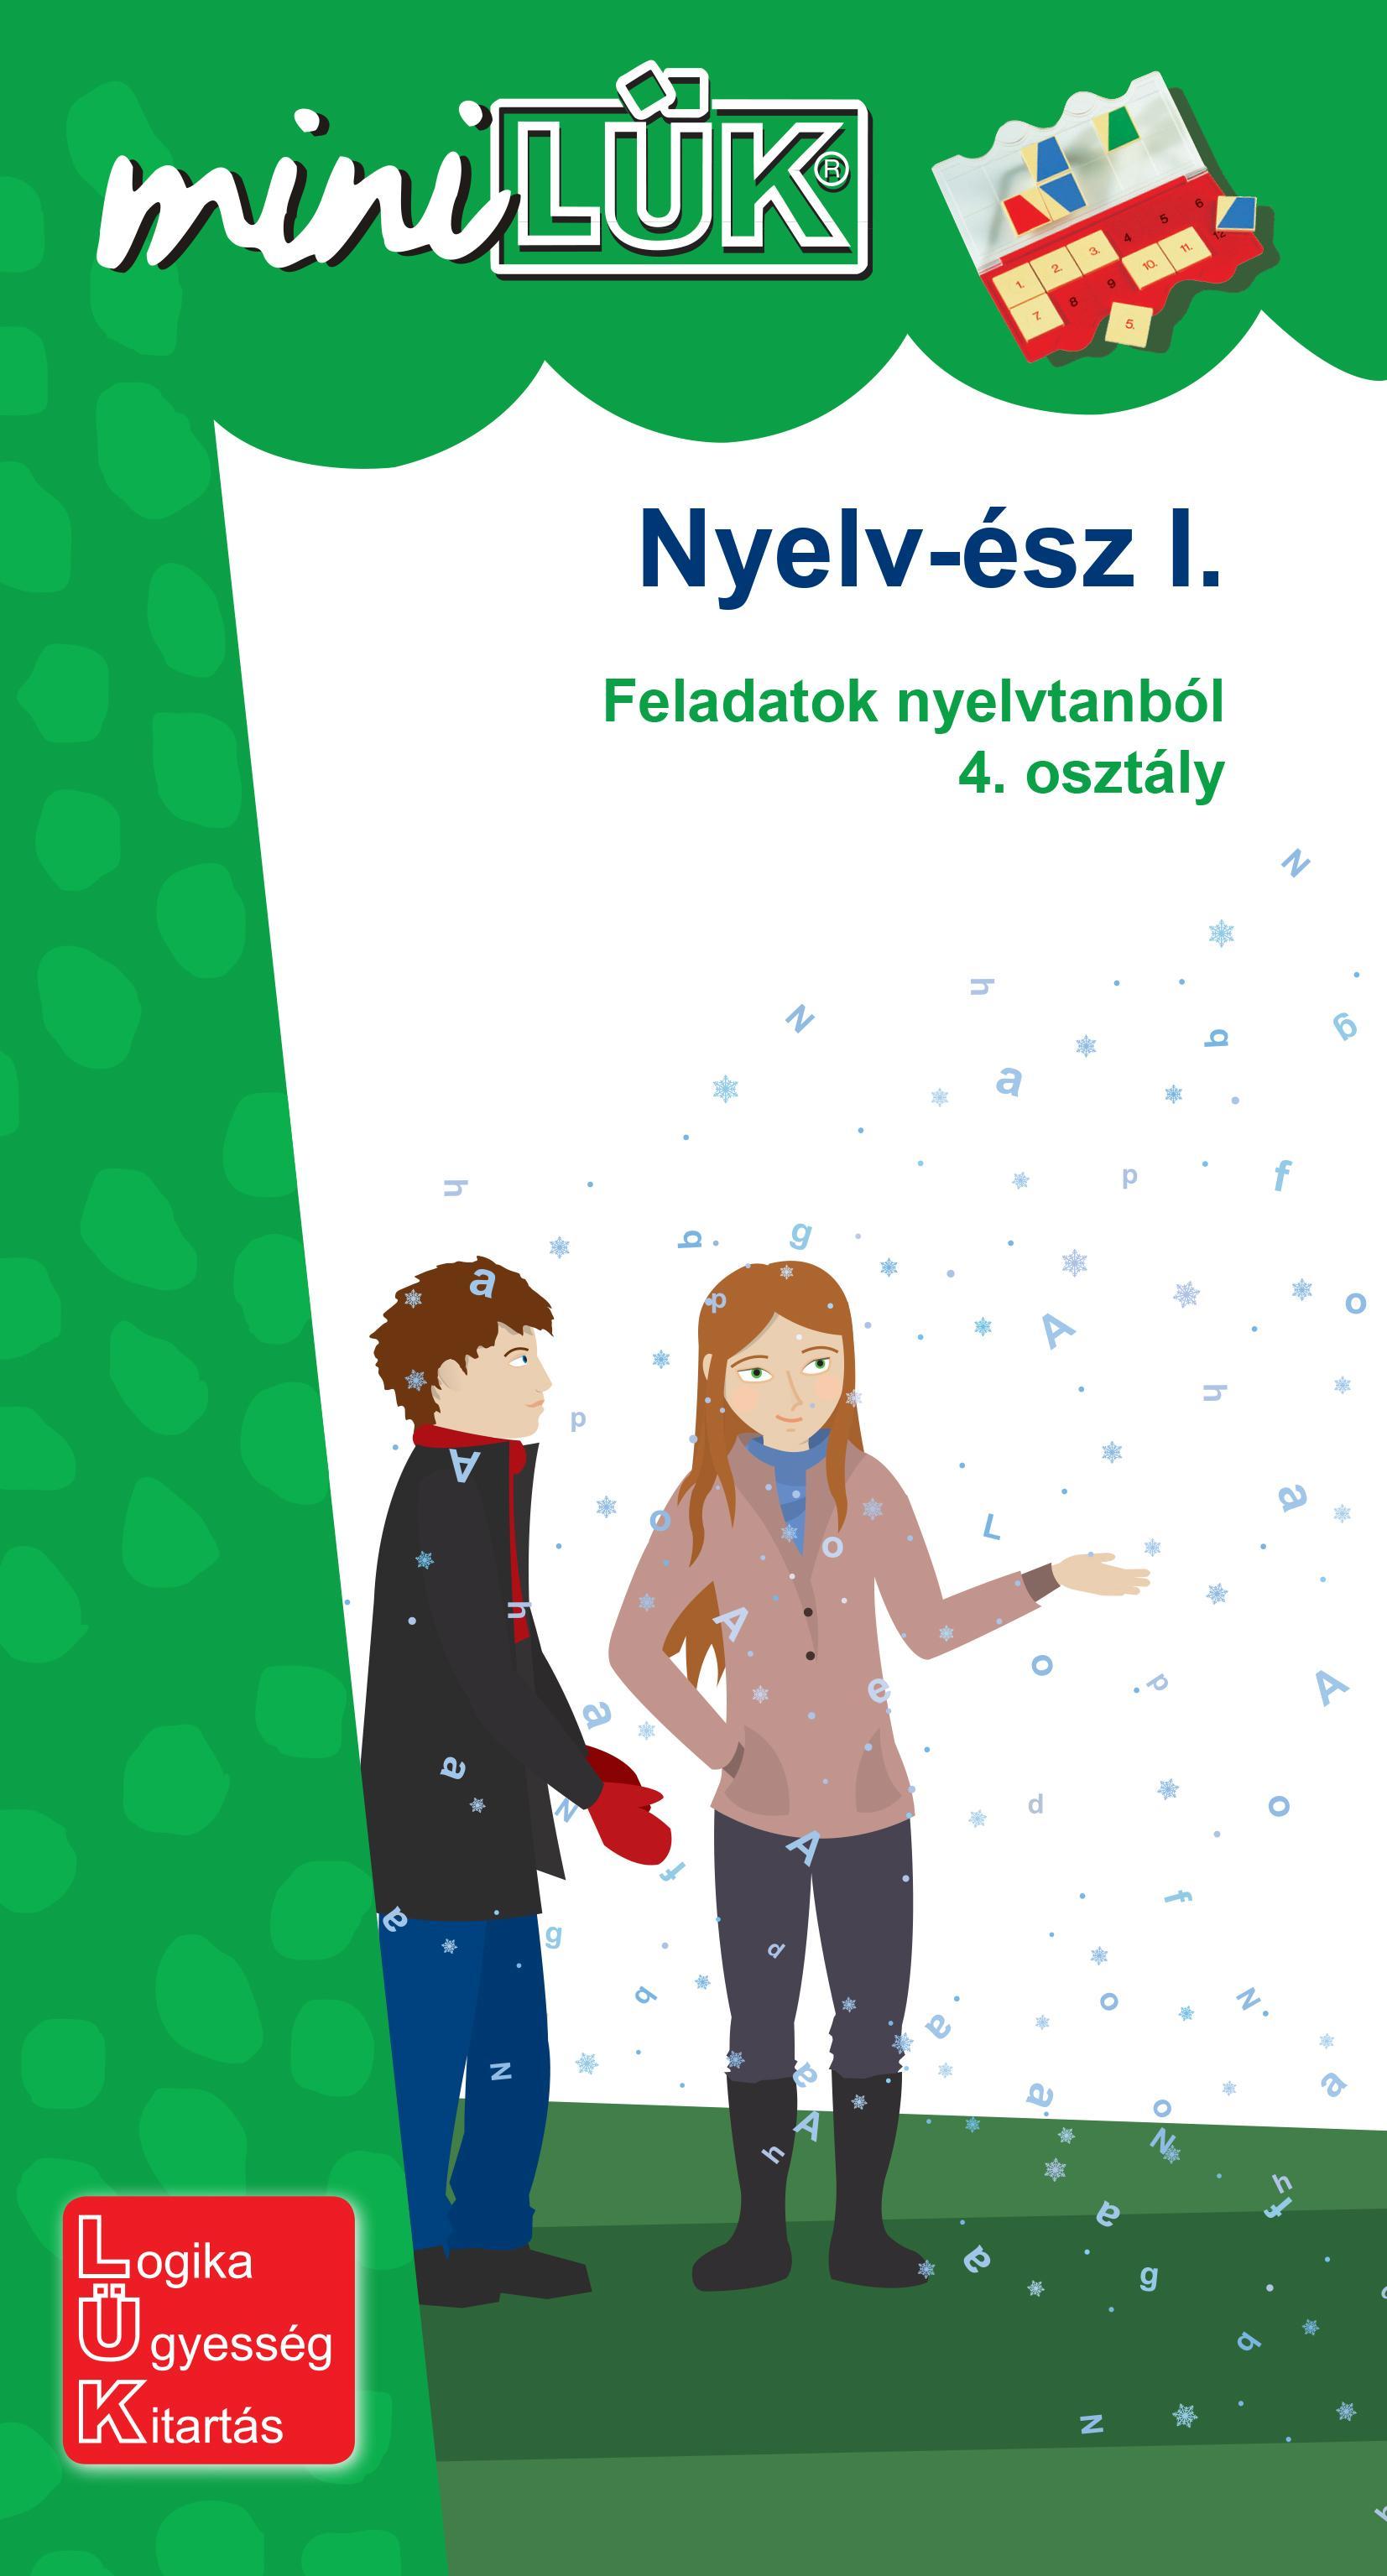 NYELV-ÉSZ I. - FELADATOK NYELVTANBÓL 4. OSZT.